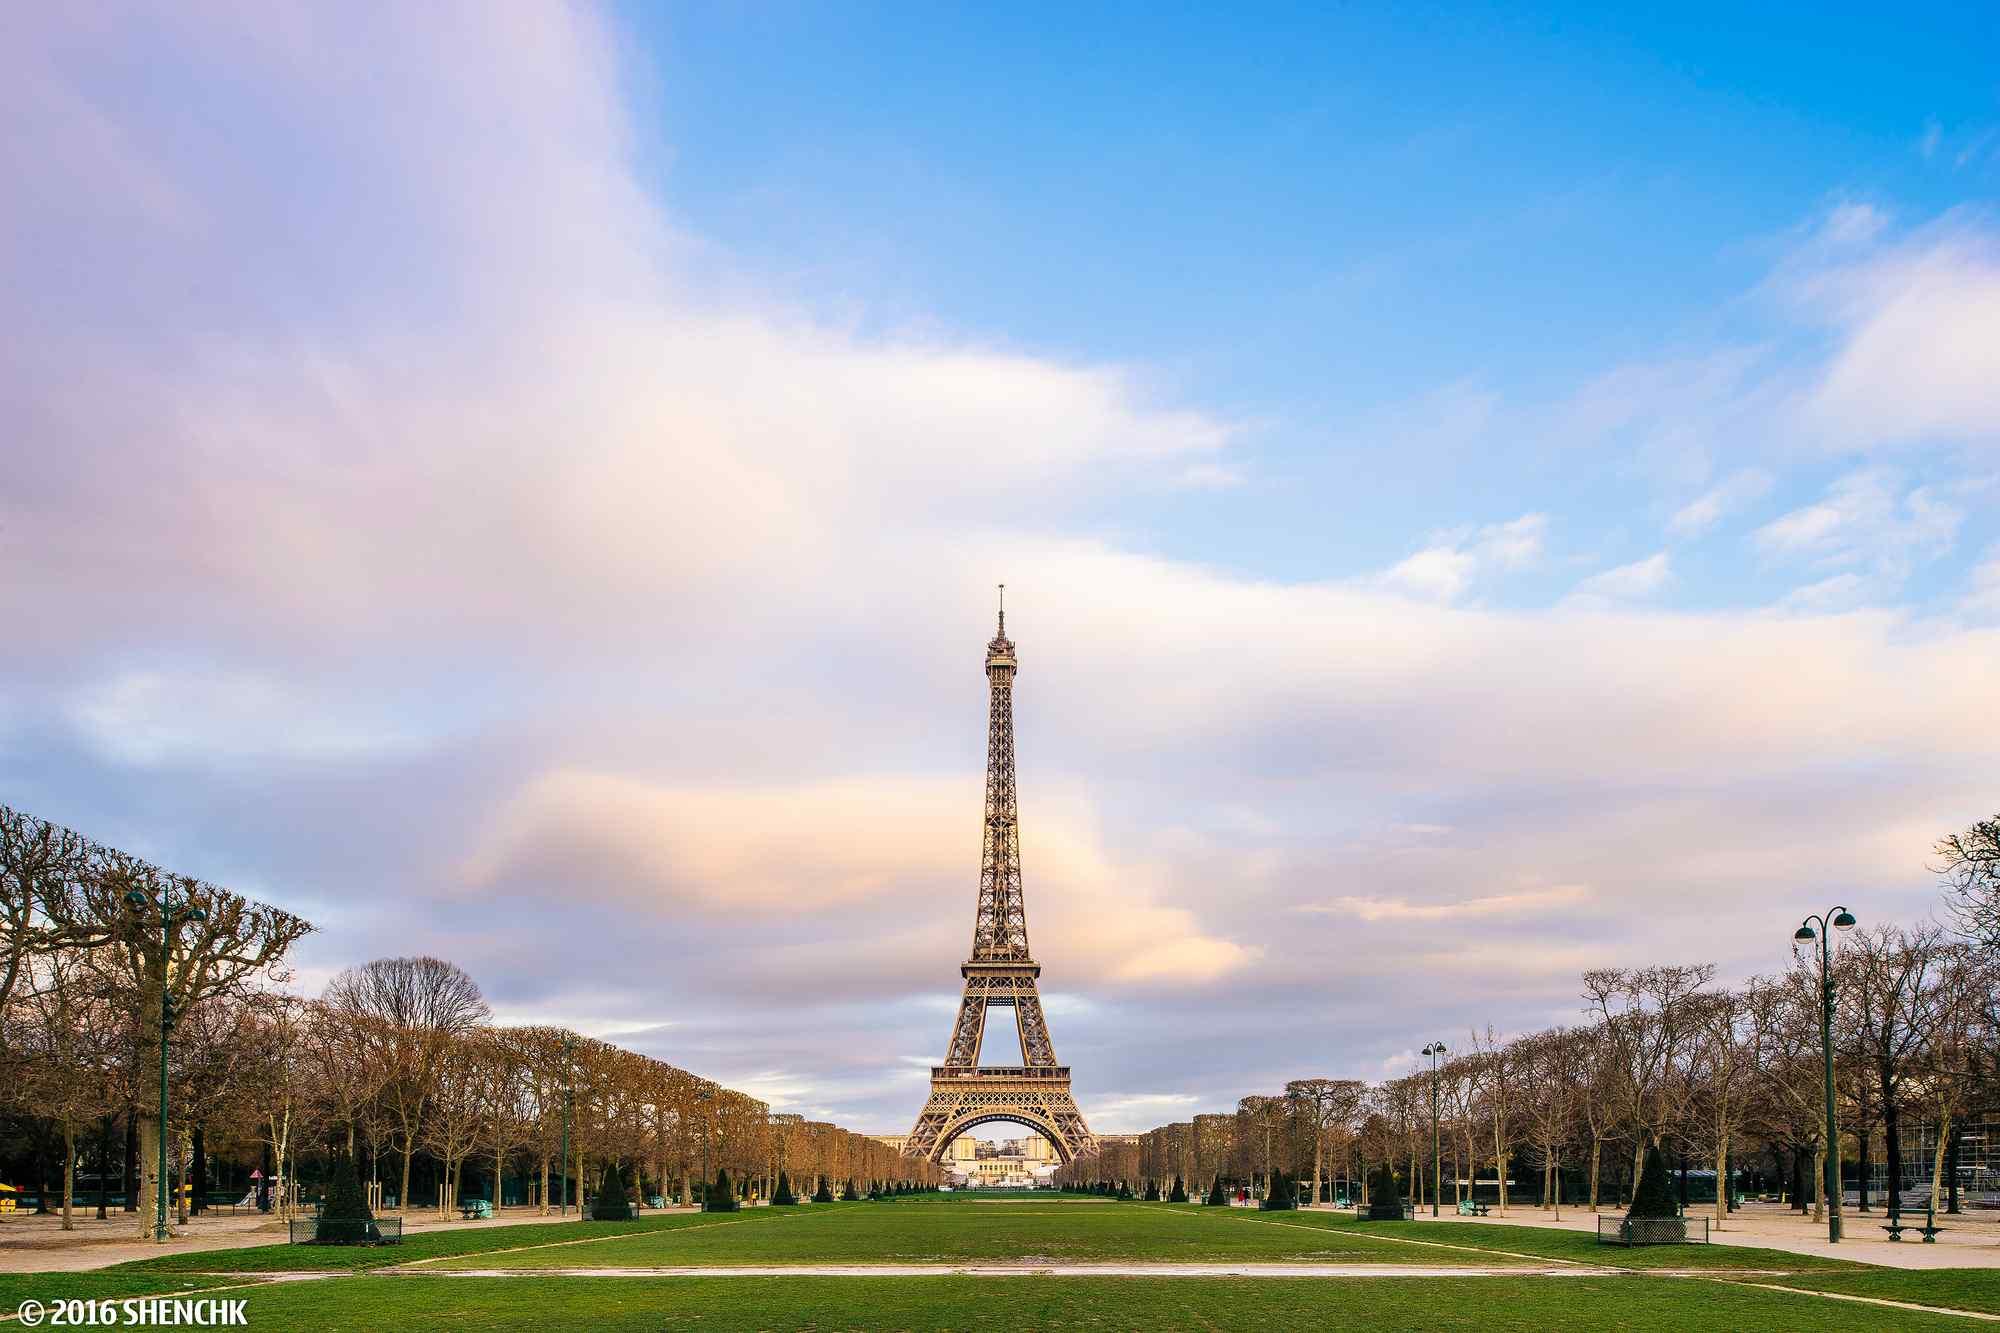 埃菲尔铁塔桌面主题_唯美法国埃菲尔铁塔桌面壁纸 -桌面天下(Desktx.com)